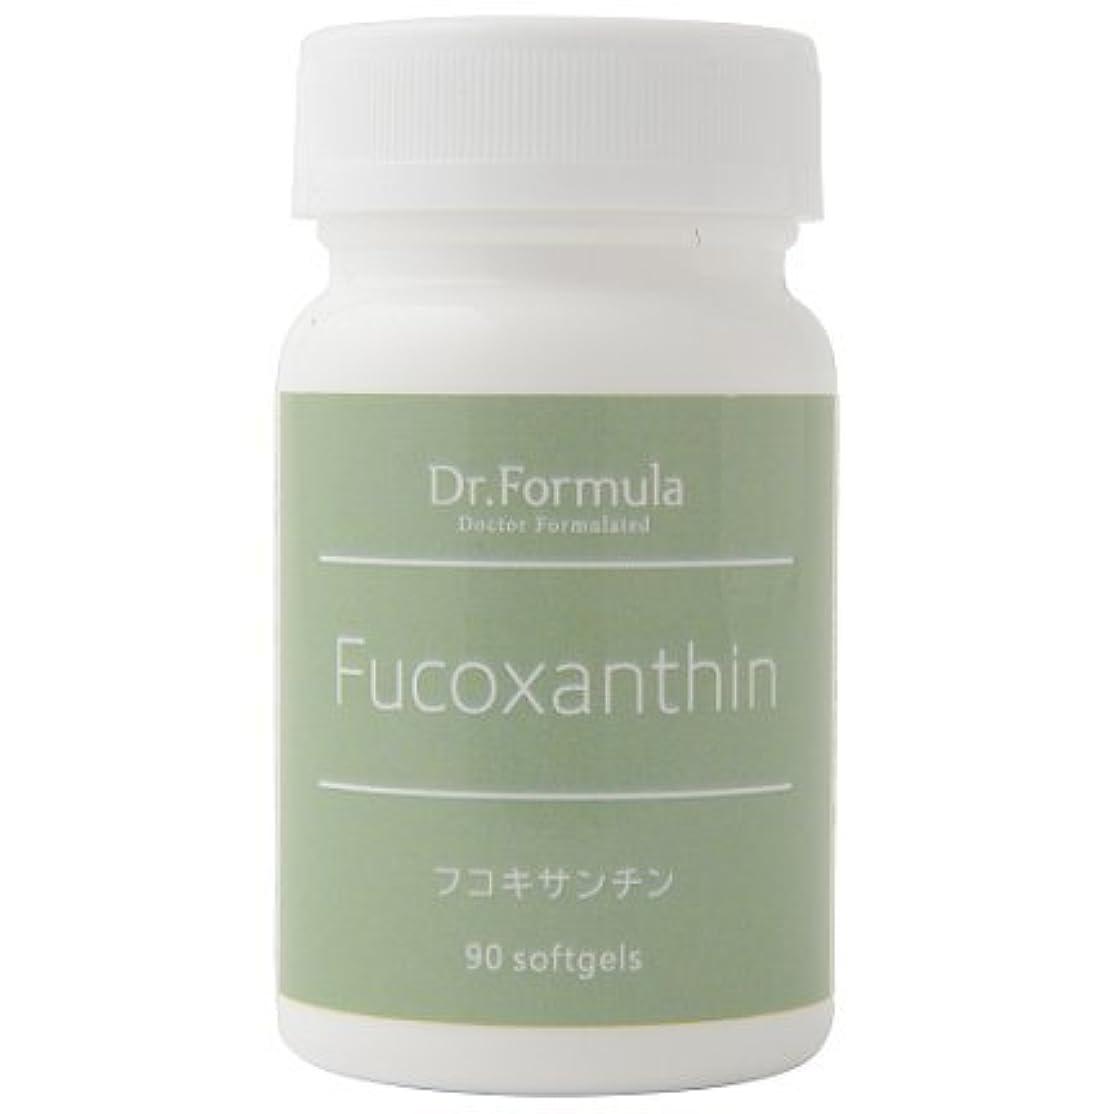 洞窟原稿滝Dr.Formula フコキサンチン(テレビで話題の希少成分) 30日分 90粒 日本製 Fucoxanthin